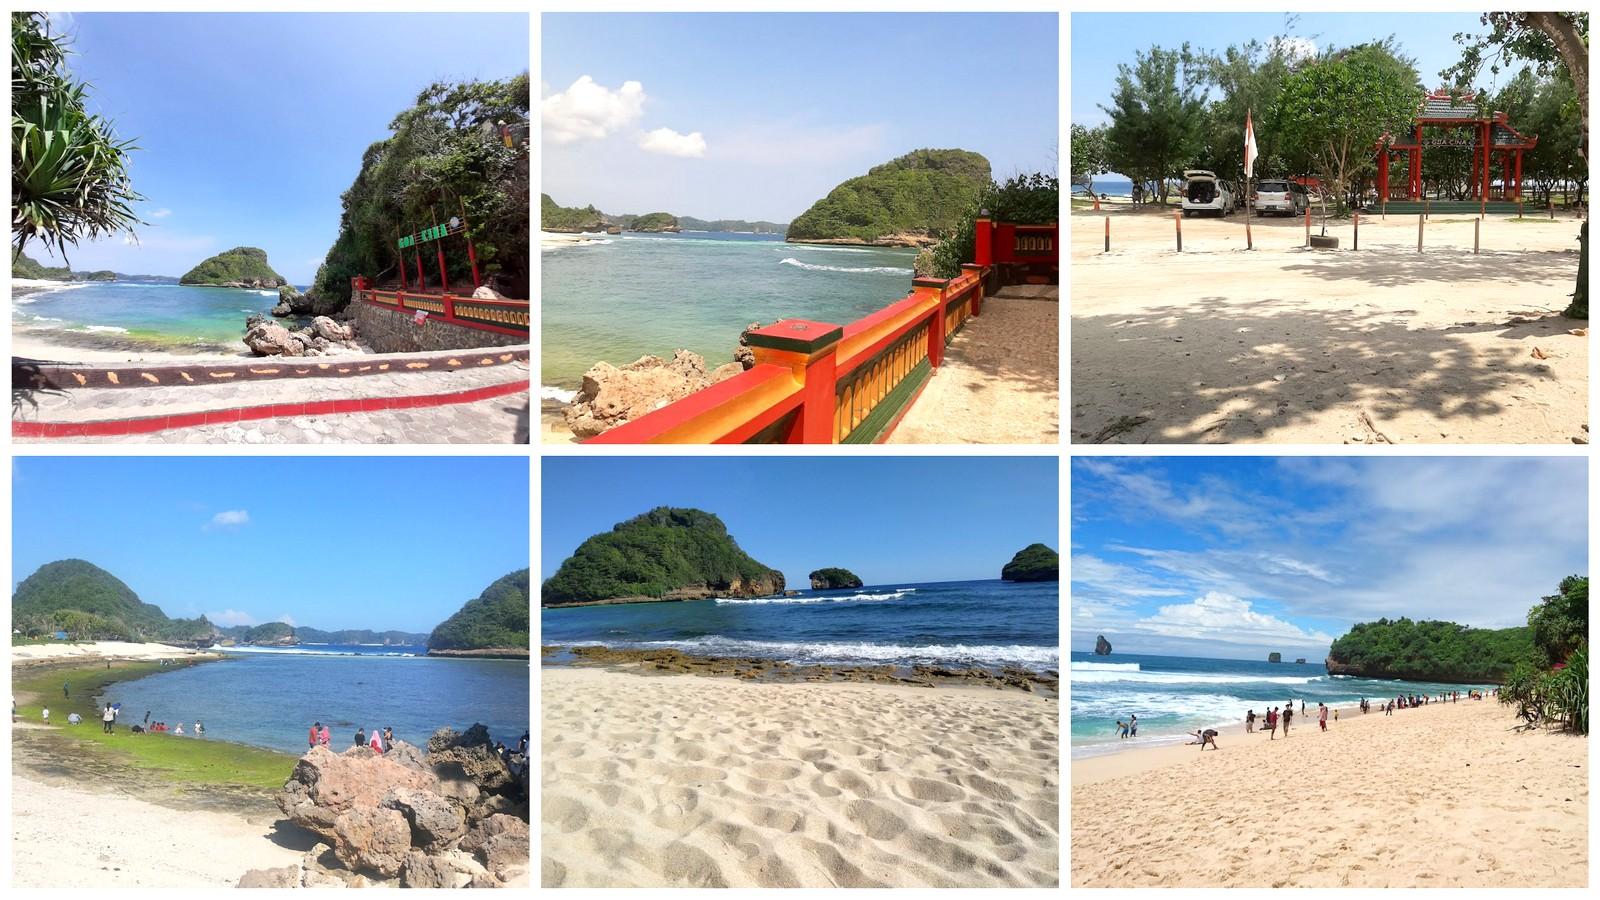 Pantai Goa Cina Malang Fasilitas Dan Tiket Masuk Terbaru 2020 Loket Wisata